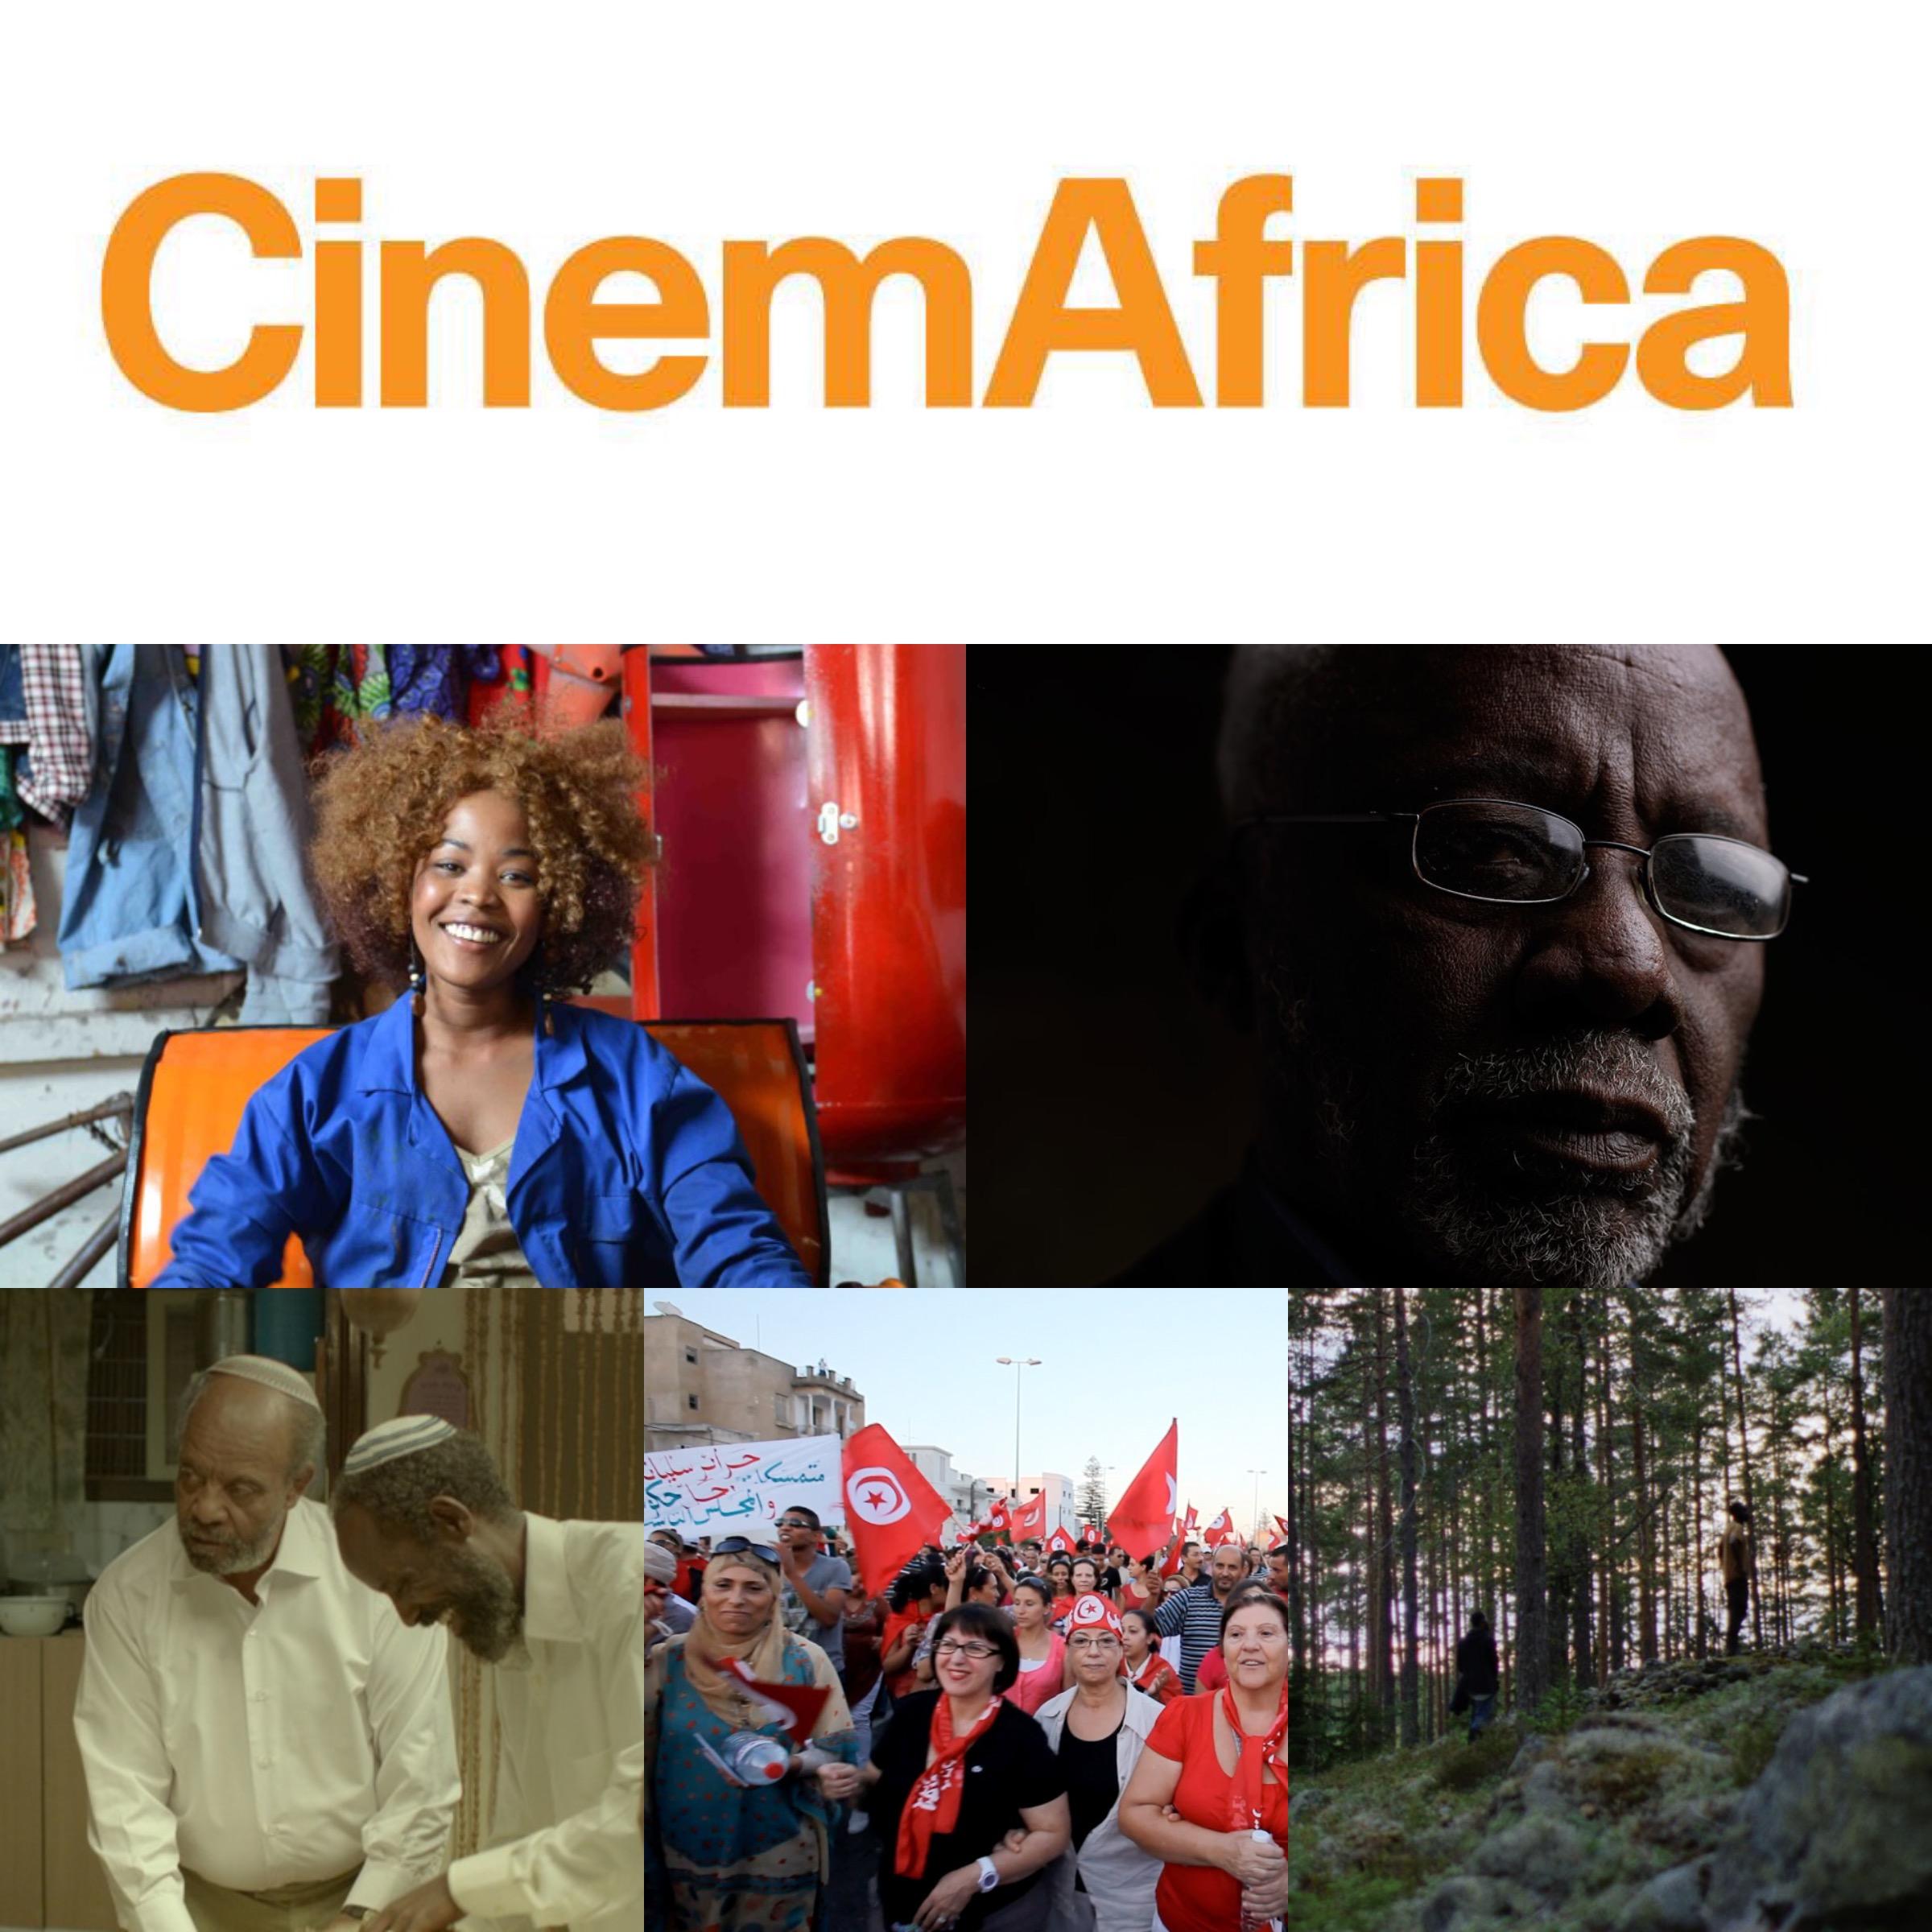 """CinemAfricas logotyp, samt (ovan från höger): bild ur öppningsfilmen """"Ayanda"""" (av Sara Blecher, Sydafrika, 2015), maliske mästerregissören Souleymane Cissé som gästar festivalen, bild ur """"Red Leaves"""" (av Bazi Gete,Etiopien, 2015) med huvudrollsinnehavaren Debebe Eshetu som gästar festivalen, bild ur """"Feminism Inshallah"""" (av Fériel Ben Mahmoud, Tunisien, 2014), samt bild ur """"Francis"""" (av Ahmed Abdullahi, Sverige, 2015)."""